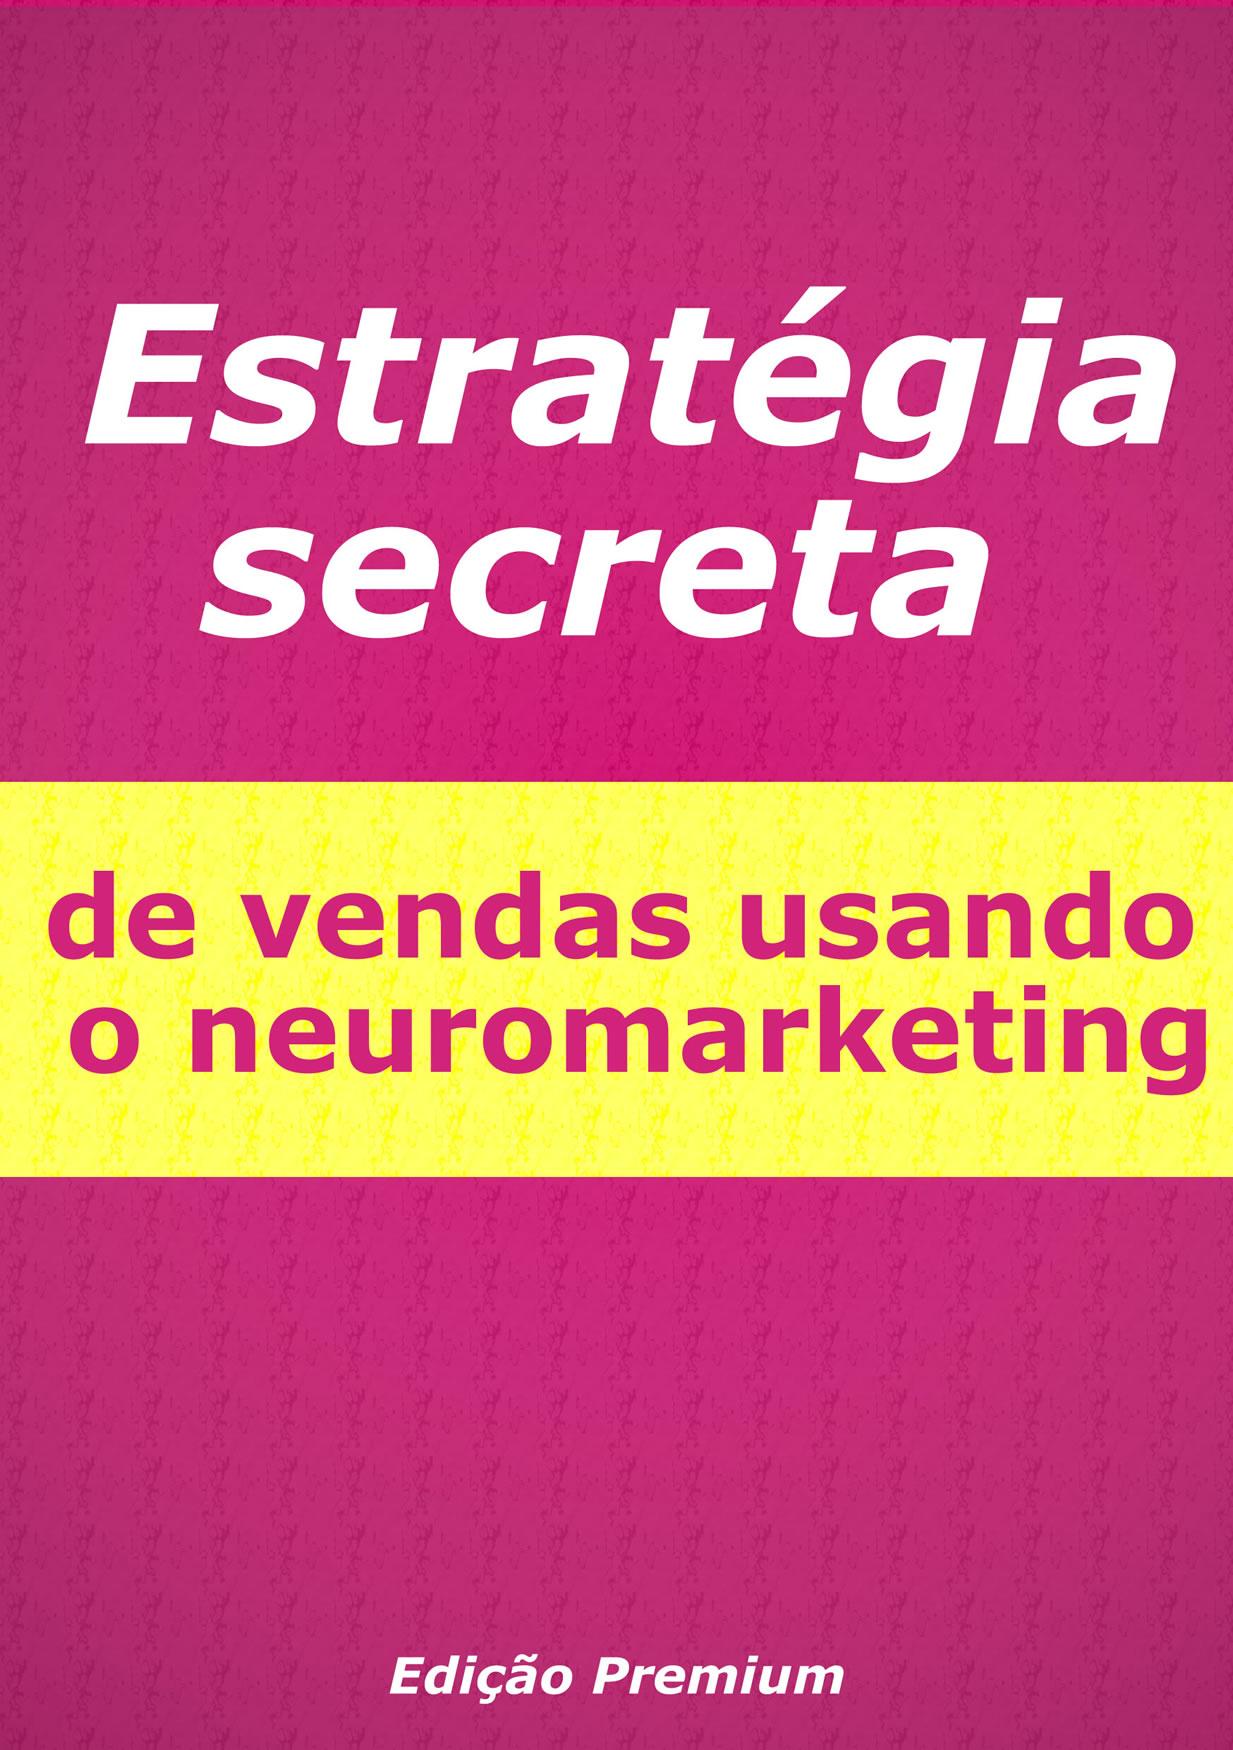 Estratégia secreta de vendas usando o neuromarketing